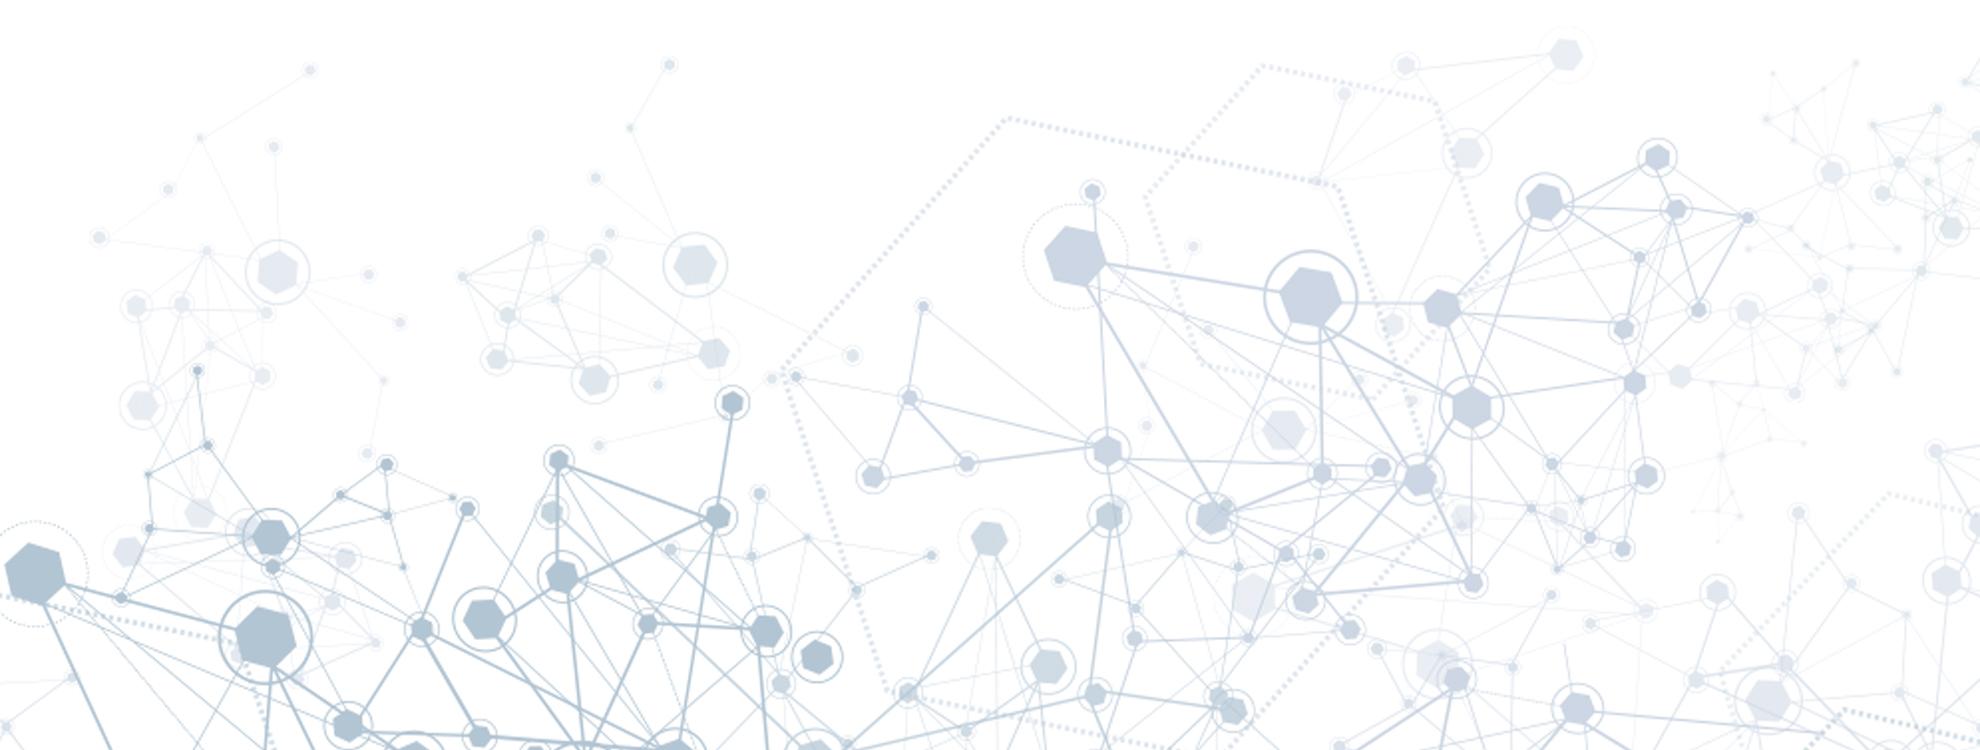 netzwerk - network